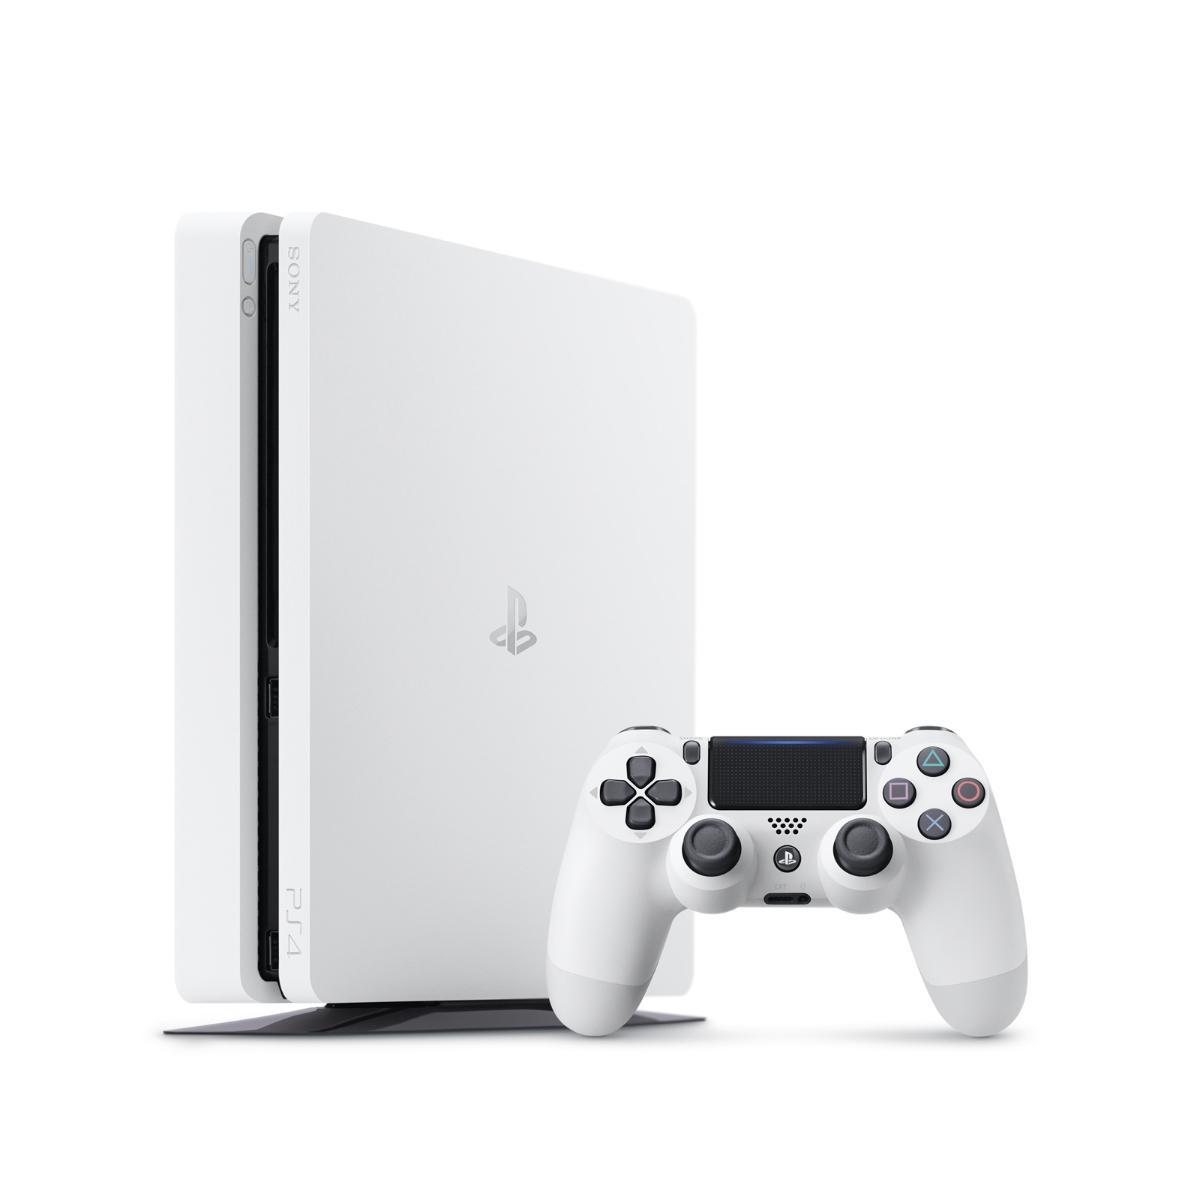 【送料無料】 【中古】PlayStation4 グレイシャー・ホワイト 1TB [CUH-2200BB02] PS4 本体 CUH-2200BB02 / 中古 ゲーム 【中古】PlayStation4 グレイシャー・ホワイト 1TB [CUH-2200BB02] PS4 本体 CUH-2200BB02/ 中古 ゲーム